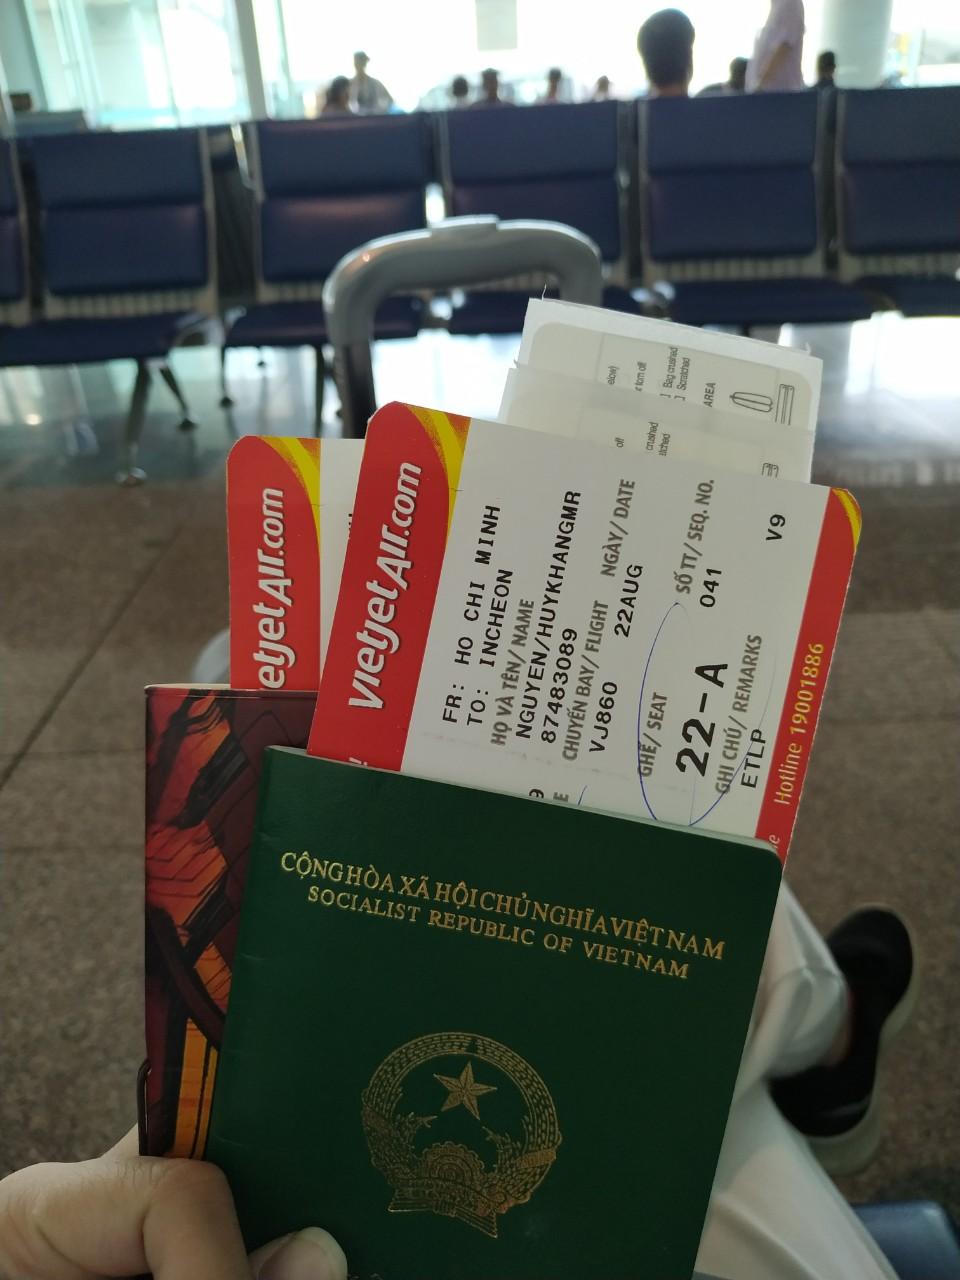 Muốn làm passport ở Sài Gòn vô cùng đơn giản: Chỉ mất 20 phút tugo.com.vn